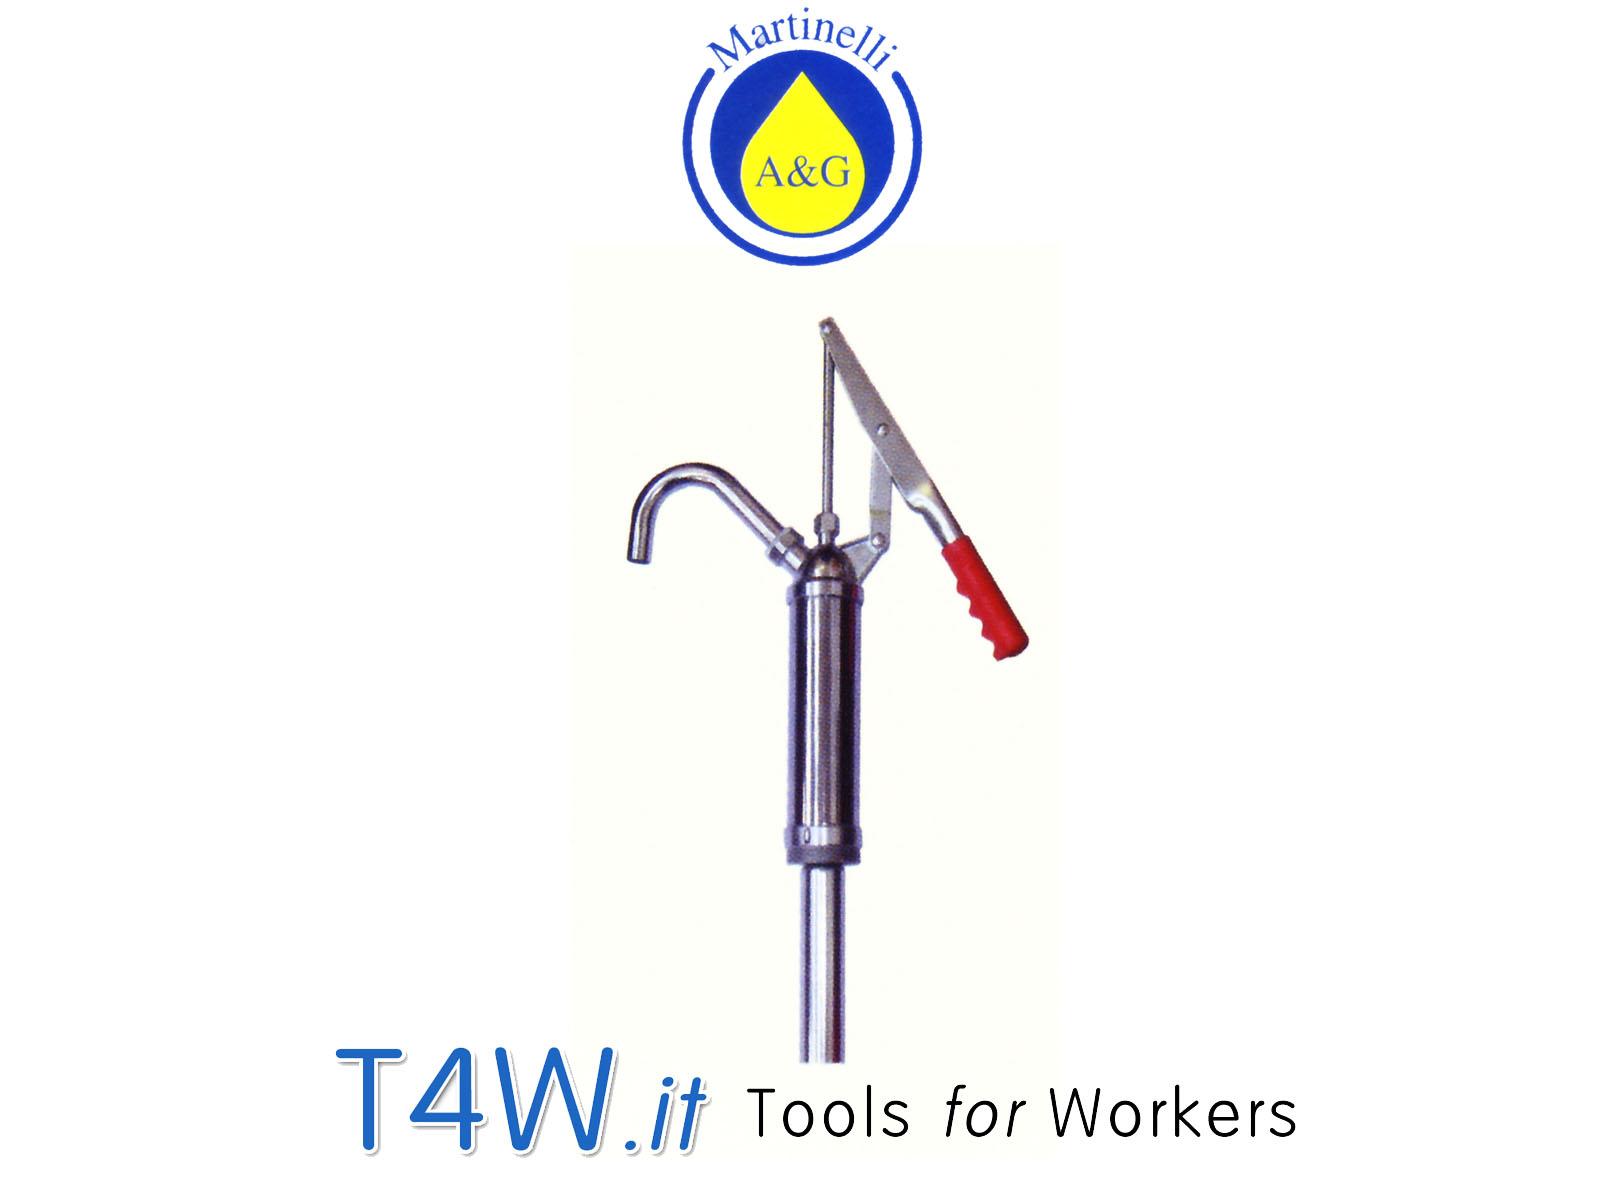 Pompa travaso olio - gasolio lt. 40 Art. 3410 Martinelli -